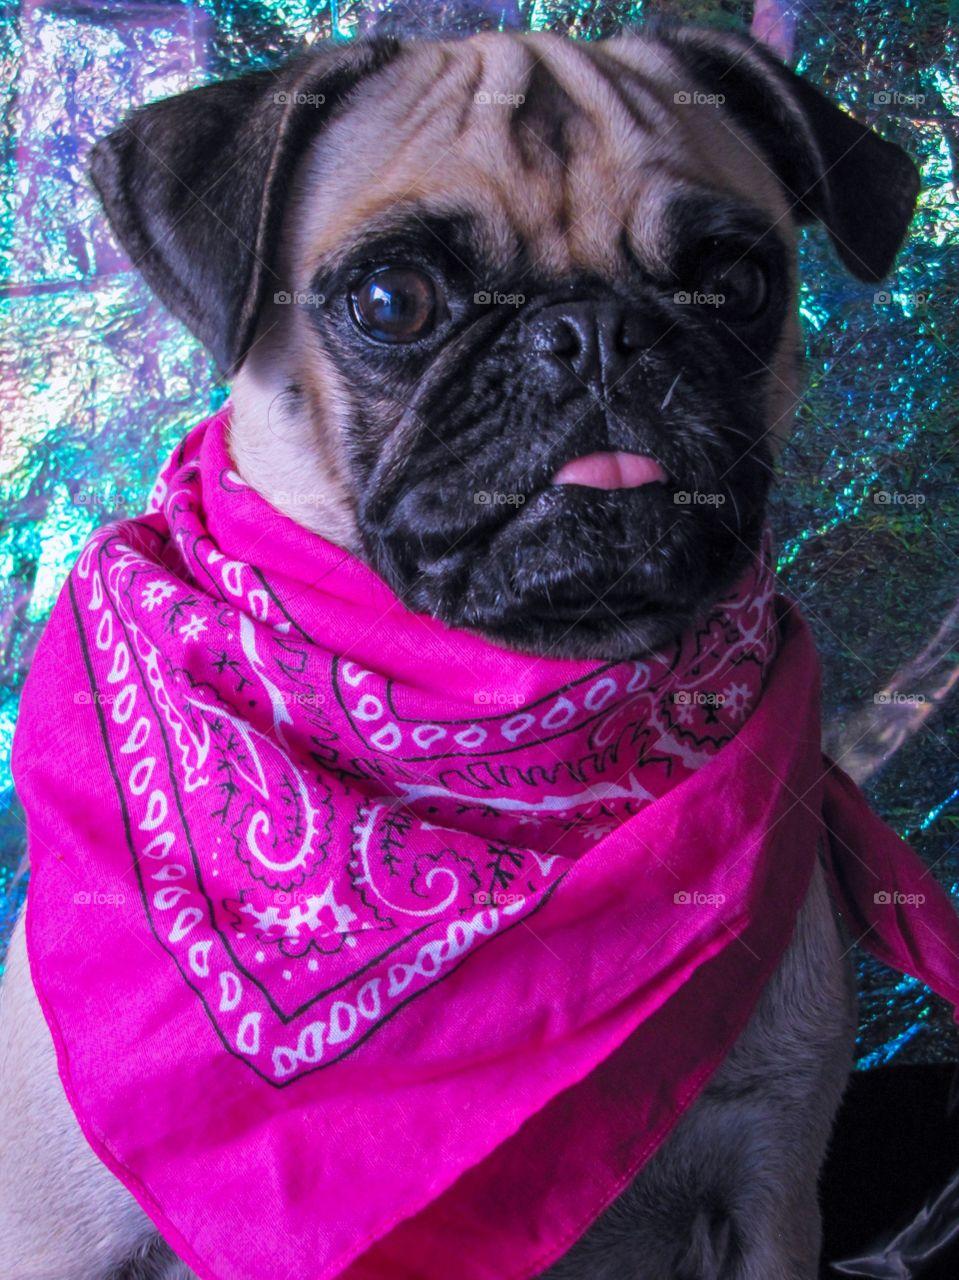 Pug with bandana